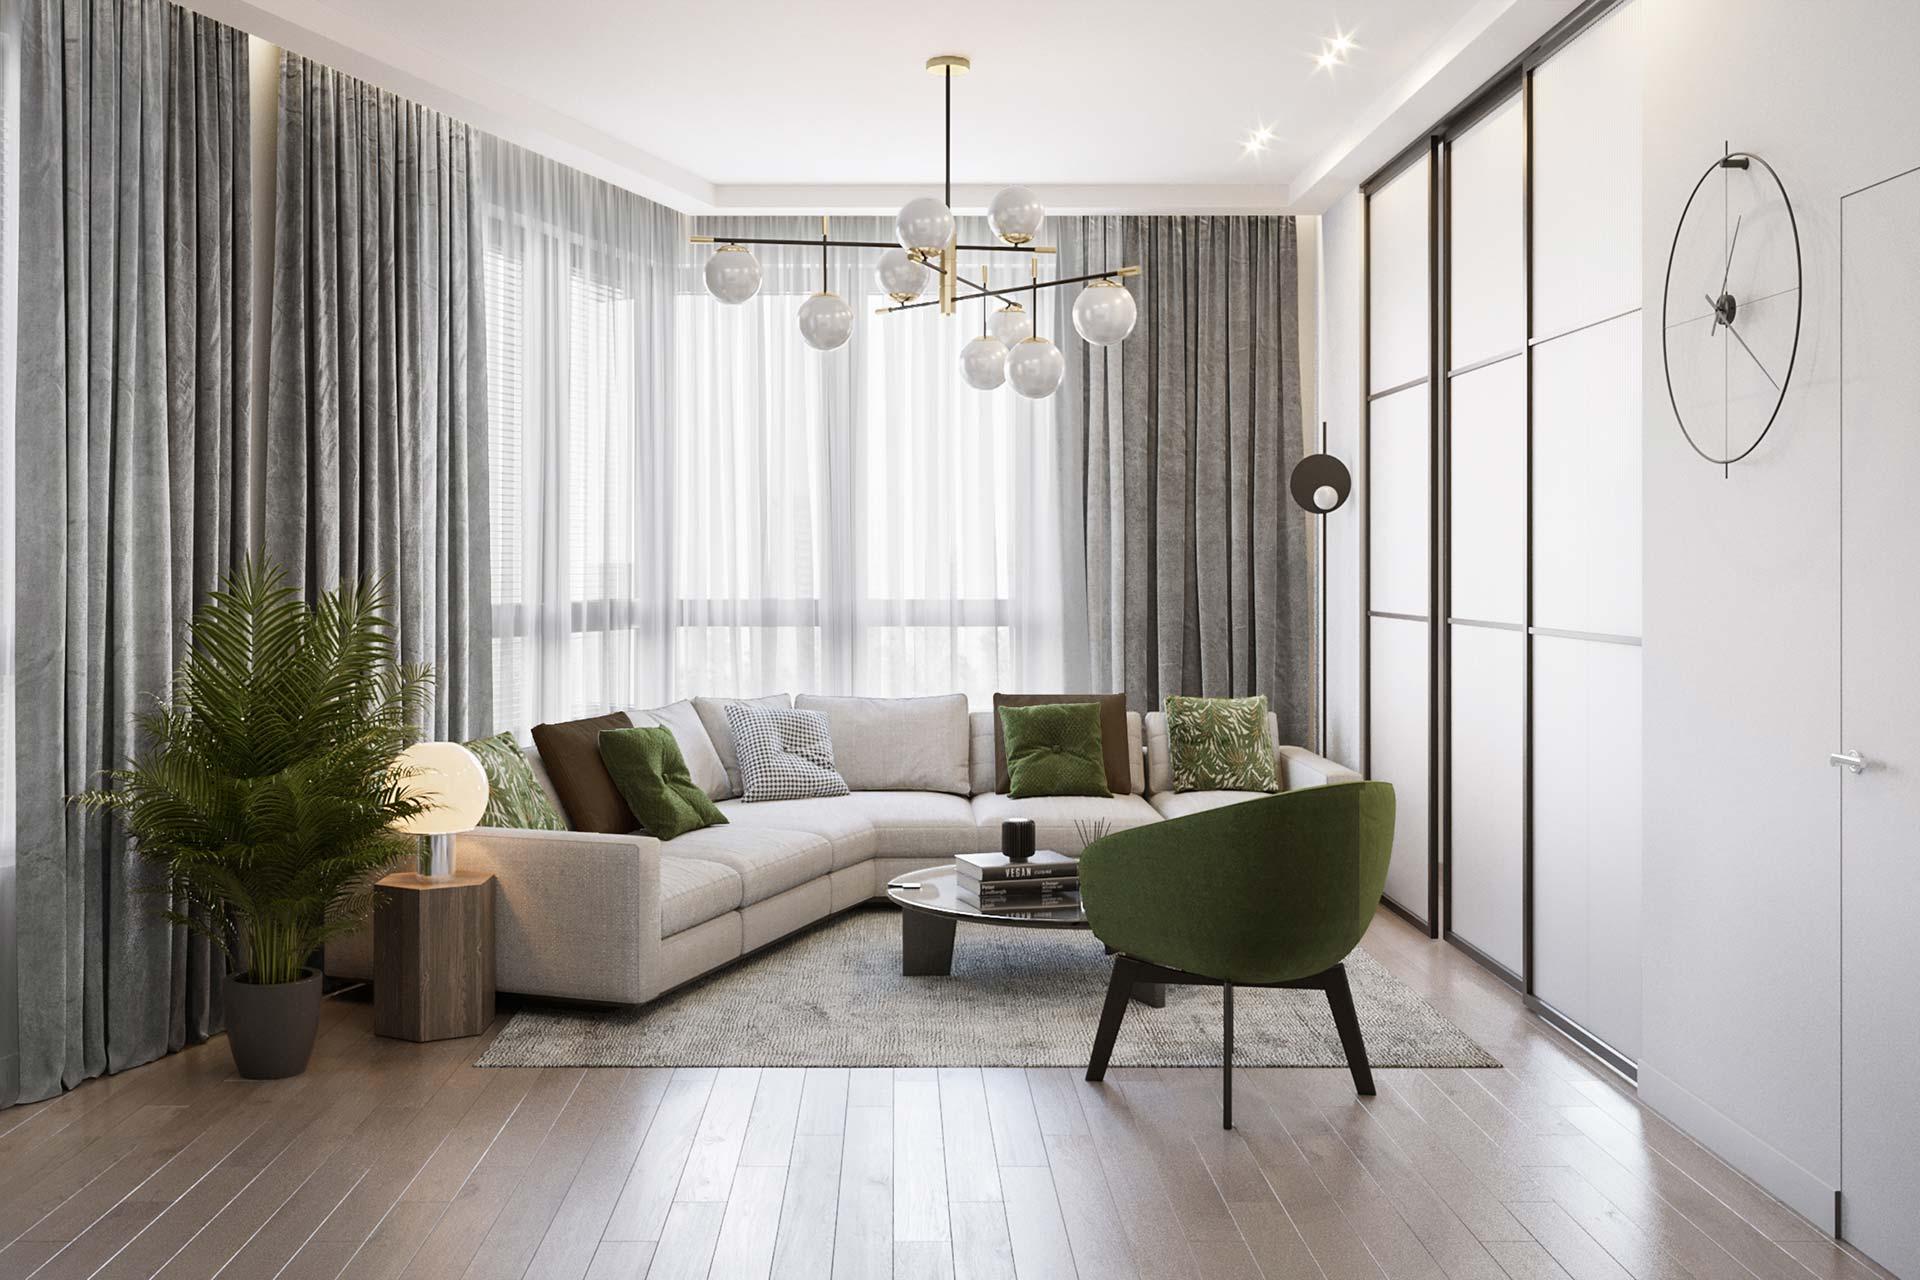 Дизайн 3-комнатной квартиры в ЖК Сердце Столицы | Современный стиль